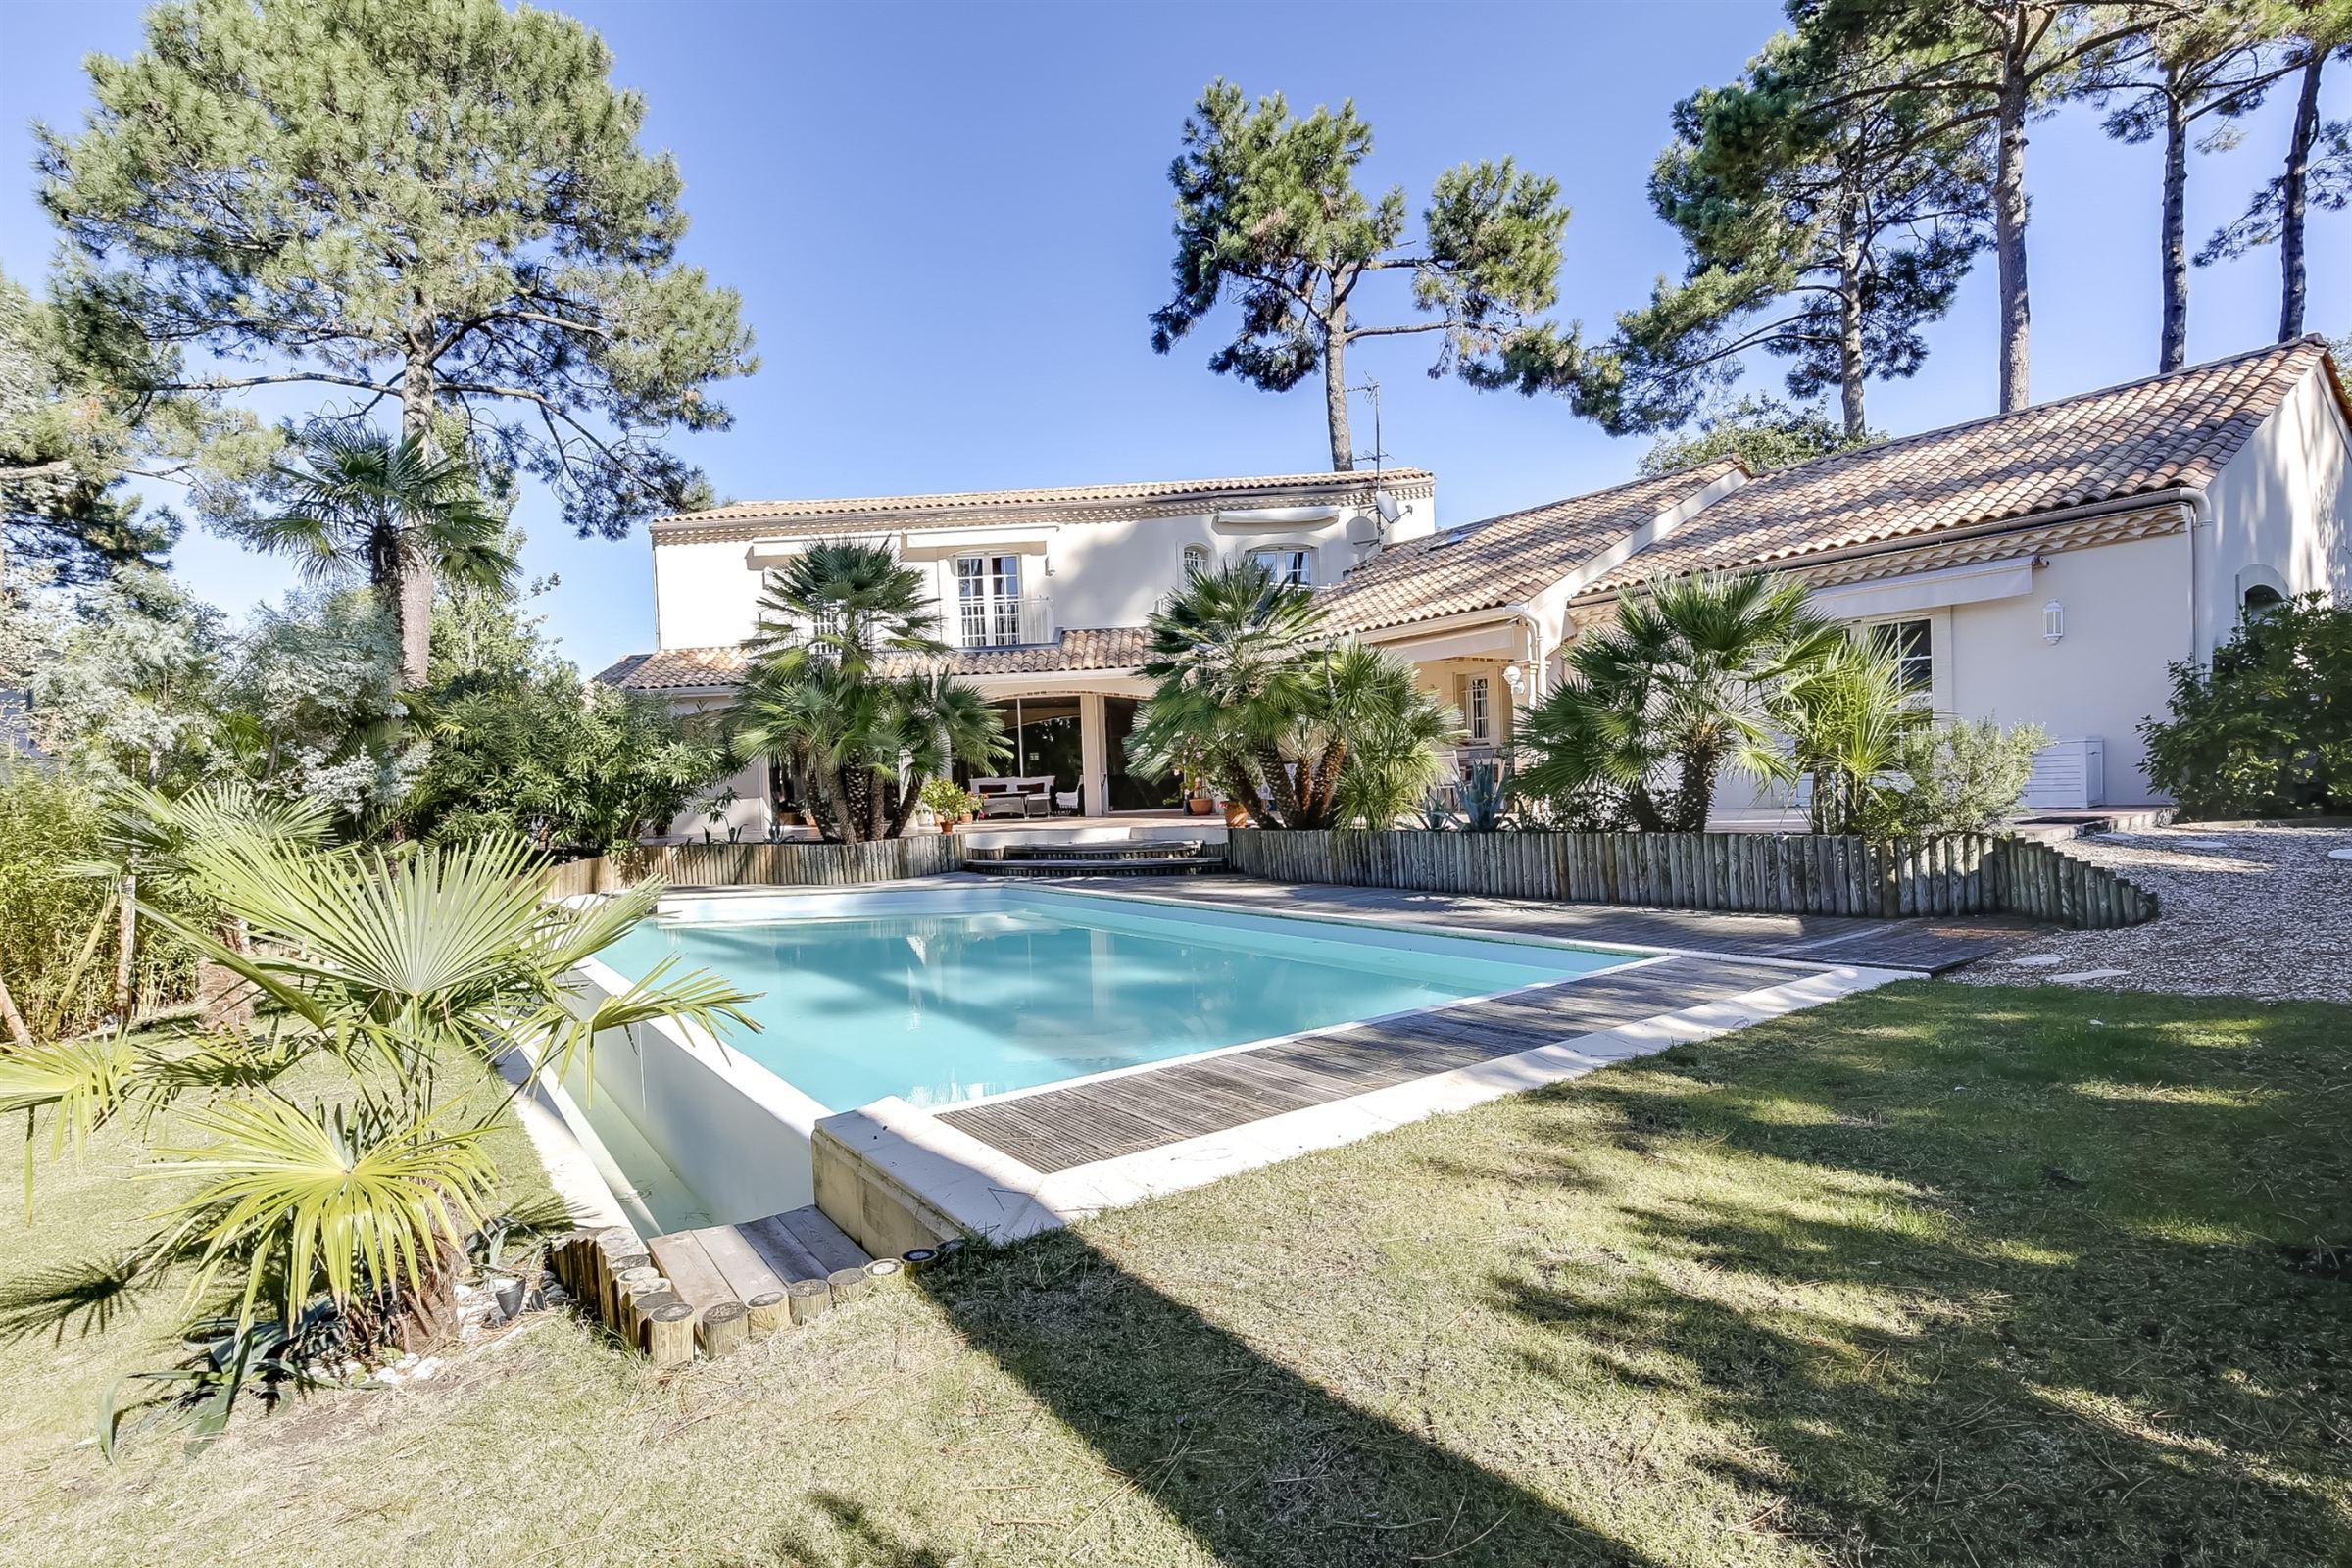 一戸建て のために 売買 アット ARCACHON - BEAUTIFUL VILLA ON THE BAY Arcachon, アキテーヌ, 33120 フランス